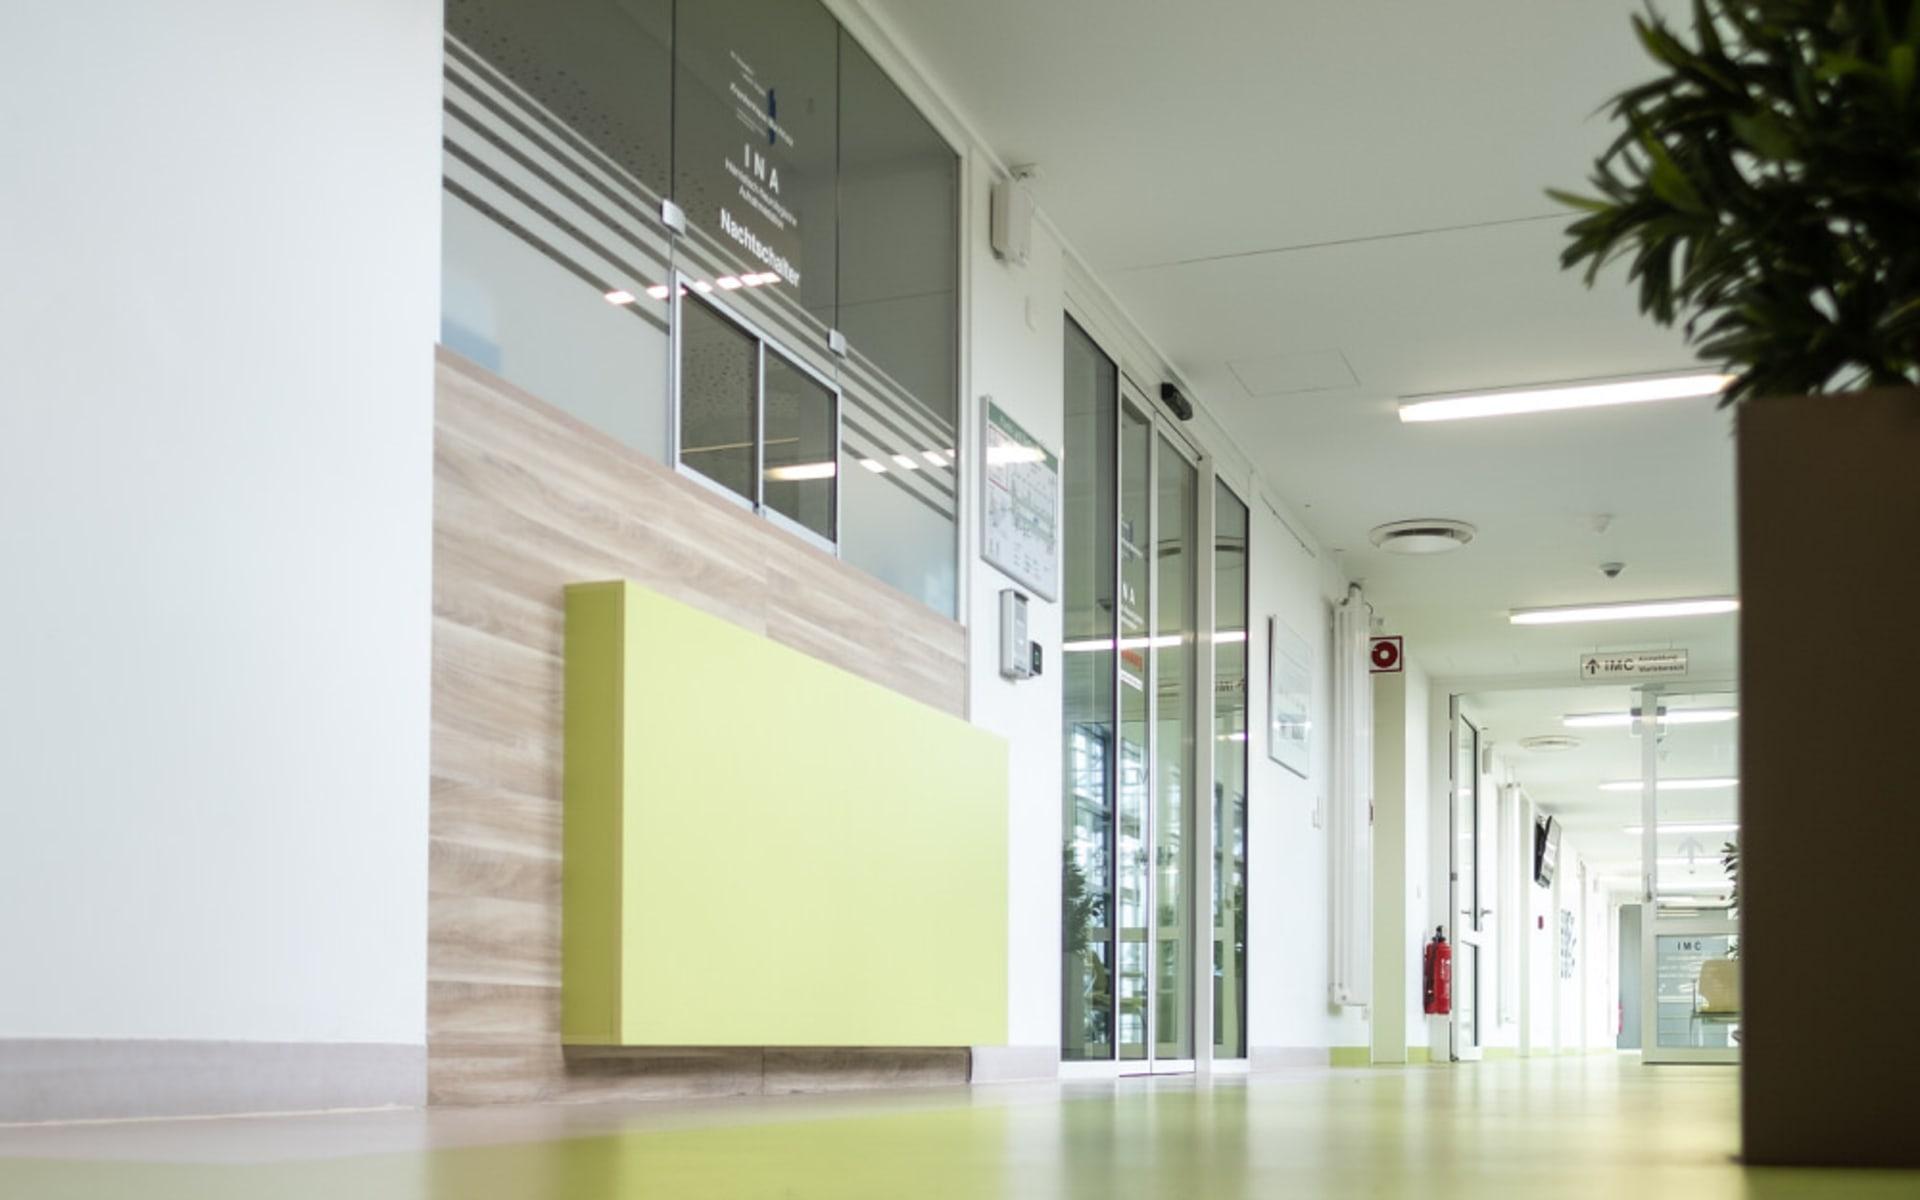 Standort Krankenhaus Buchholz Krankenhaus Buchholz und Winsen gemeinnützige GmbH